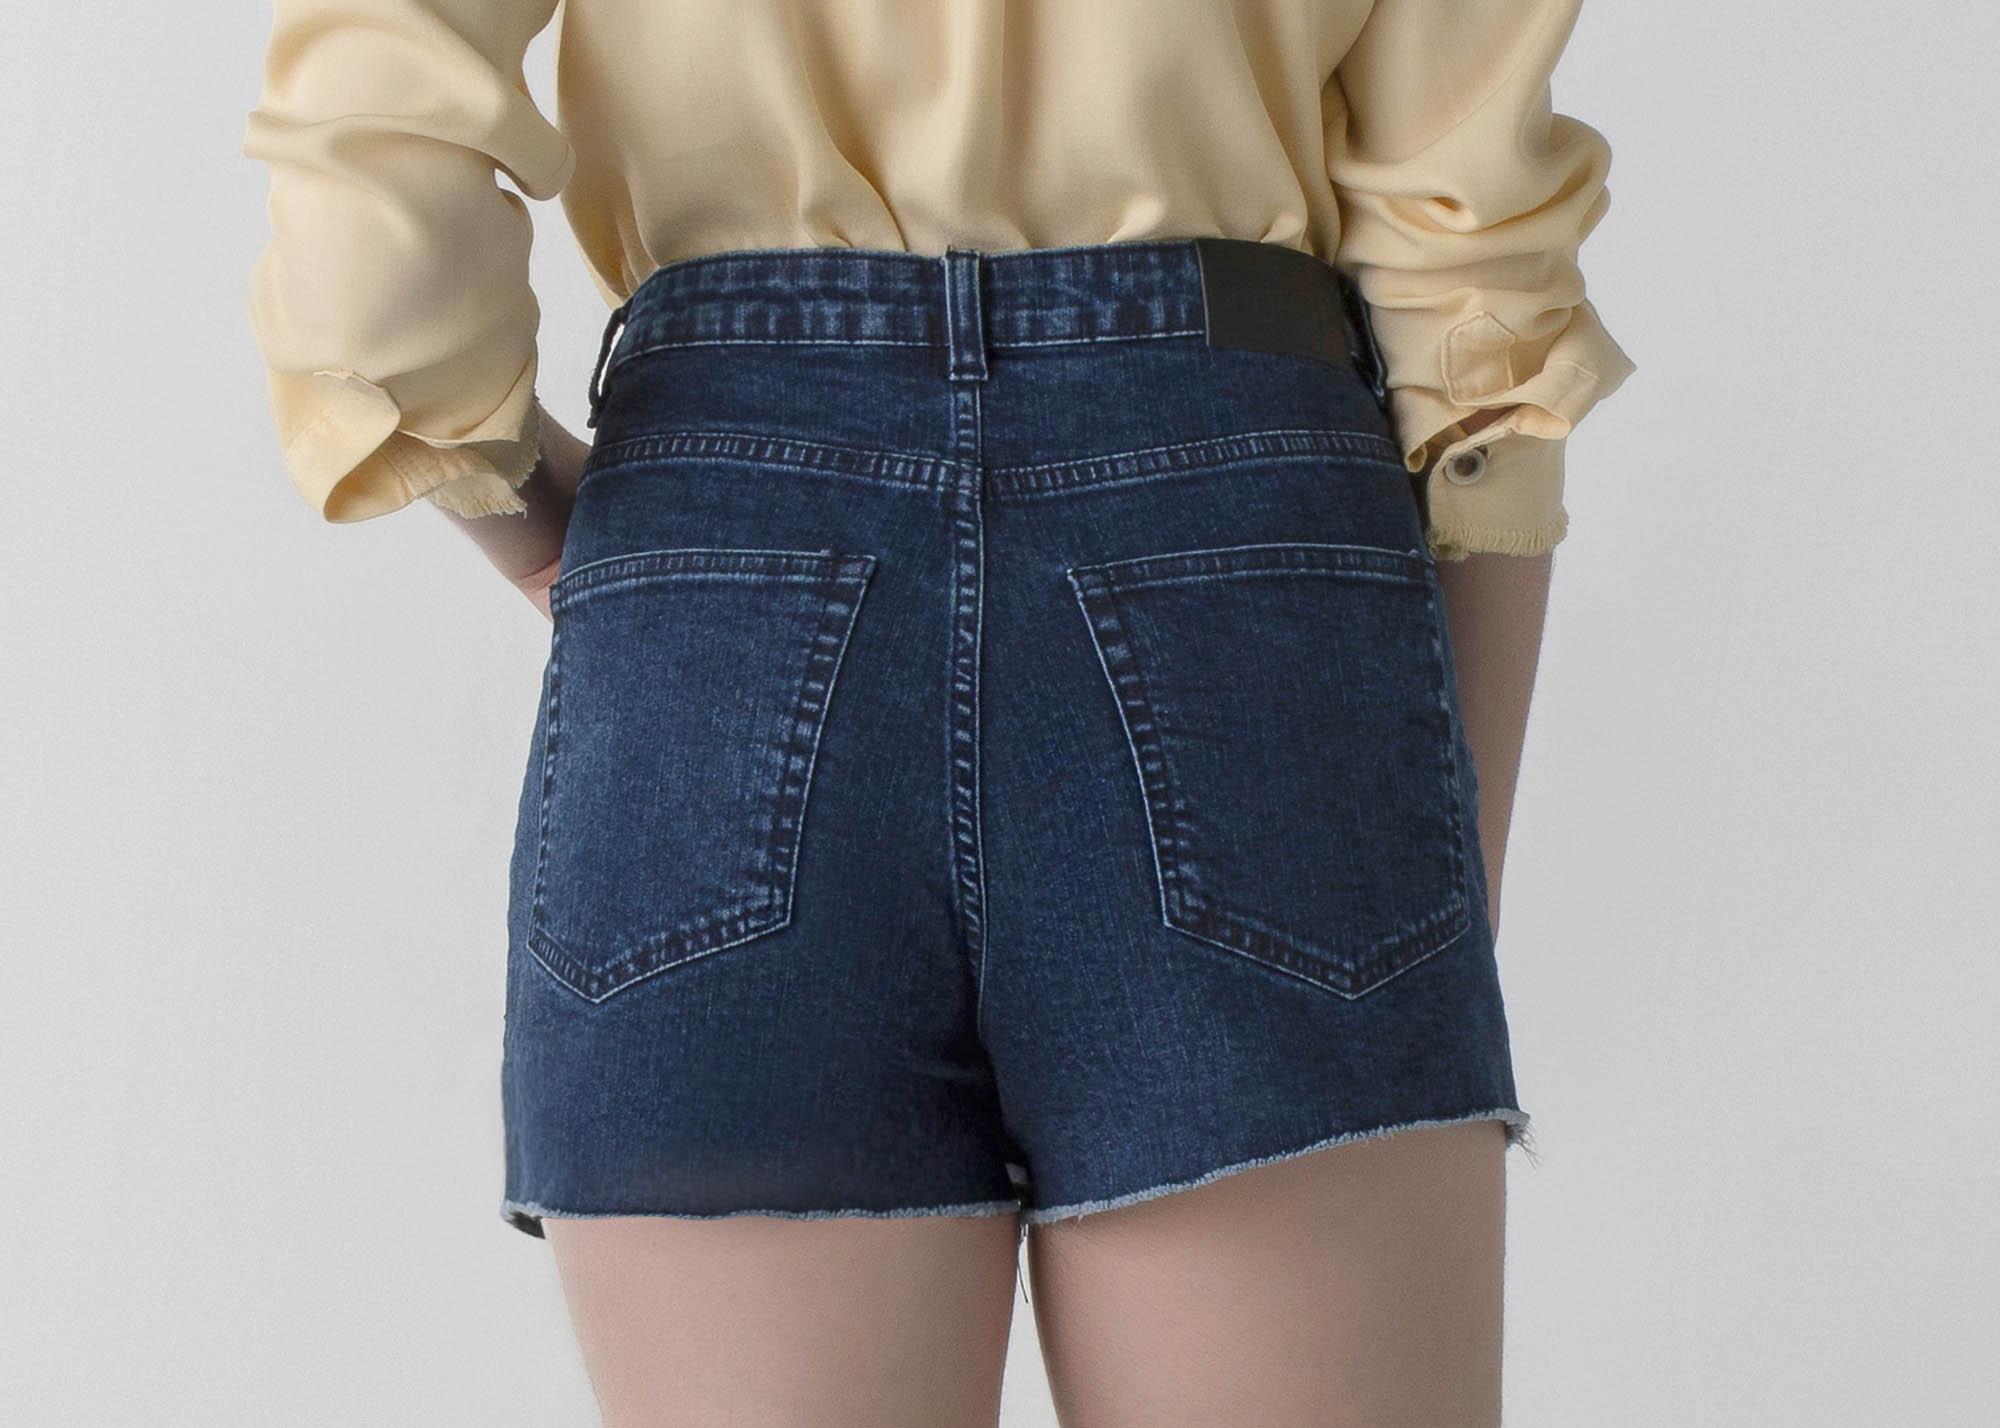 Shorts jeans cós alto - Daily